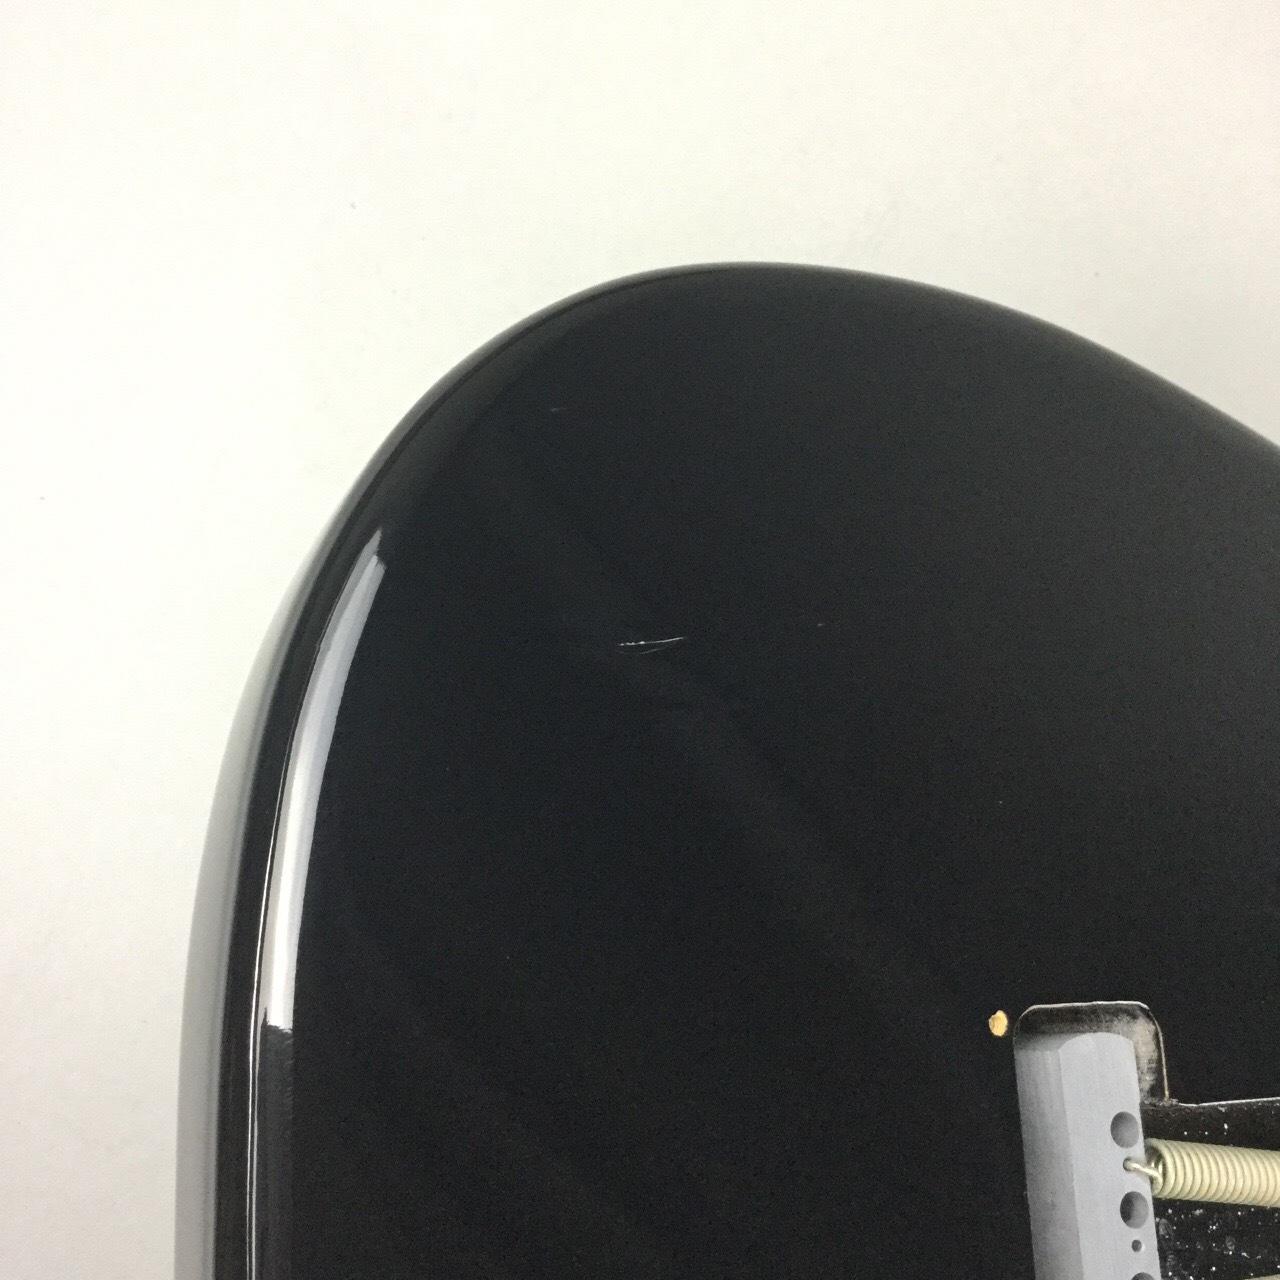 ST57-58USの指板画像